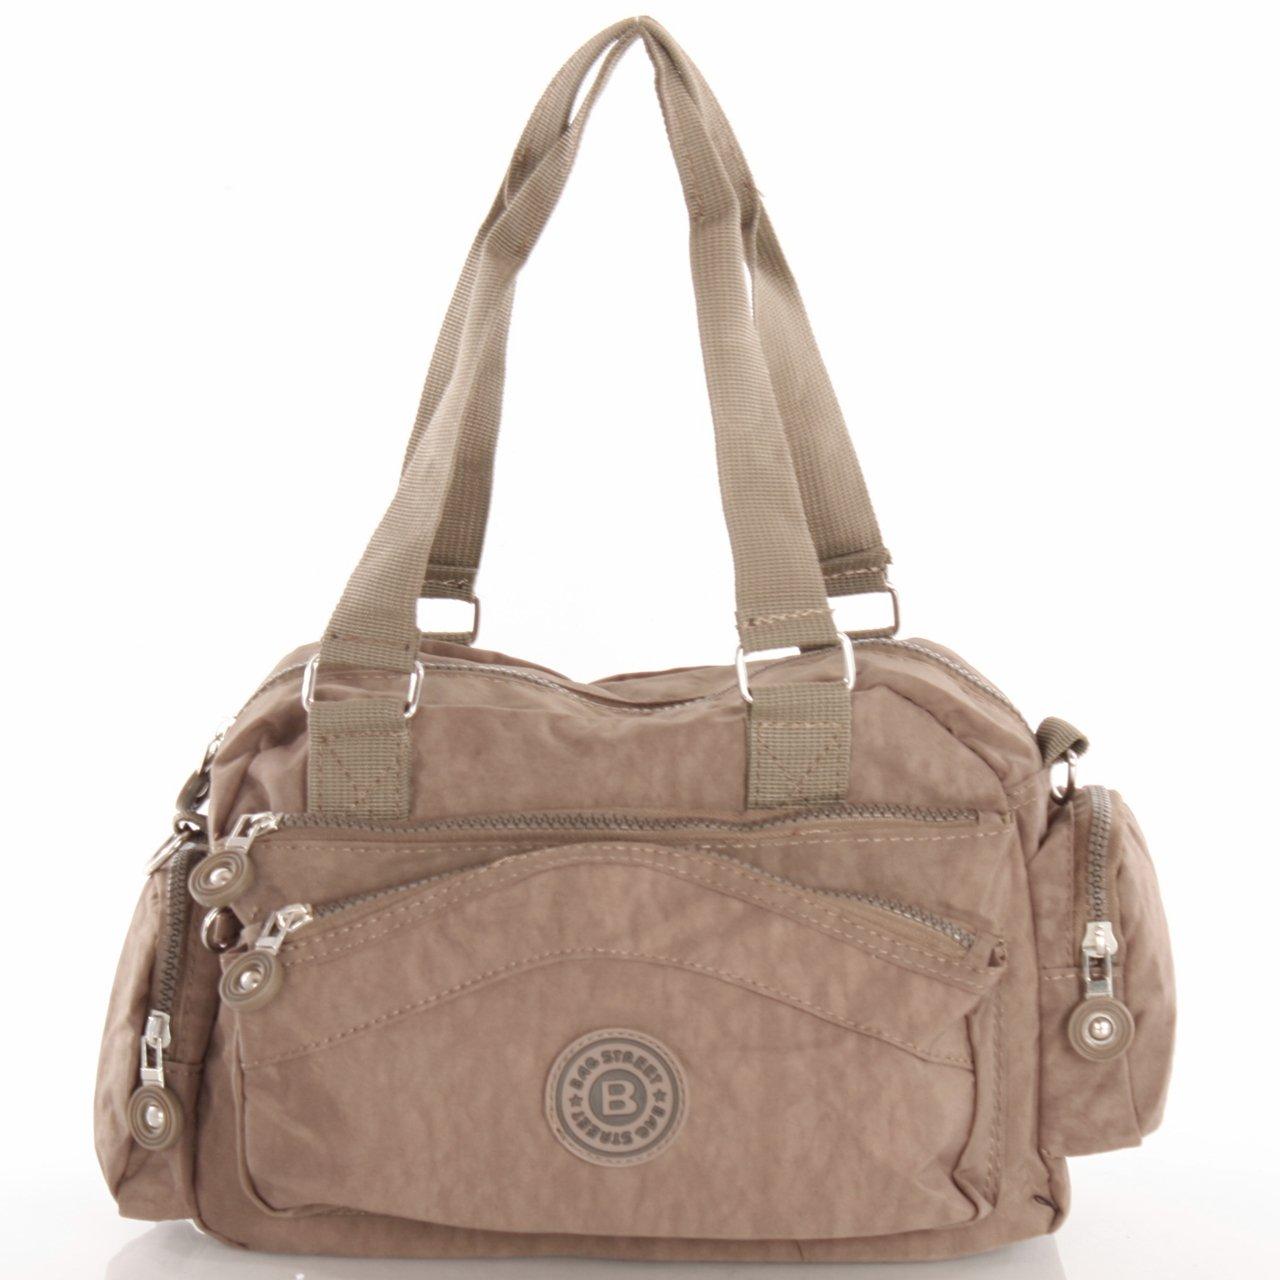 Bag Street Nylon Handtasche günstig Schultertasche Taupe